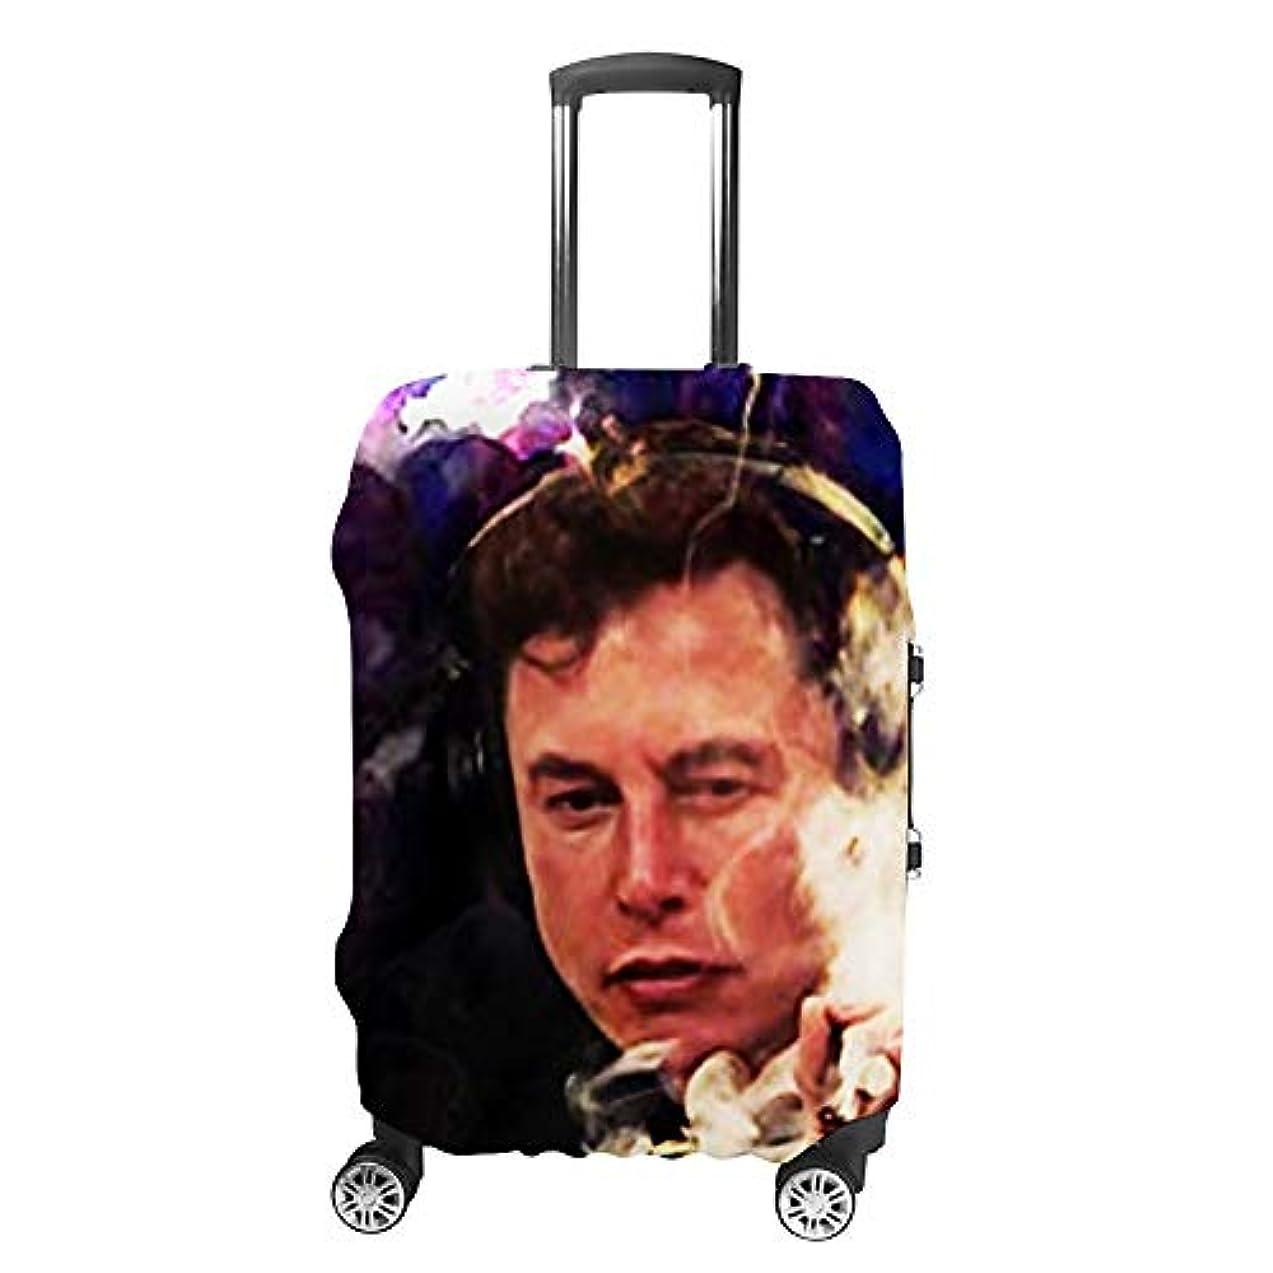 移行する名詞多年生Elon Musk ファッション旅行荷物カバースーツケース荷物プロテクター旅行カバー男性用女性用